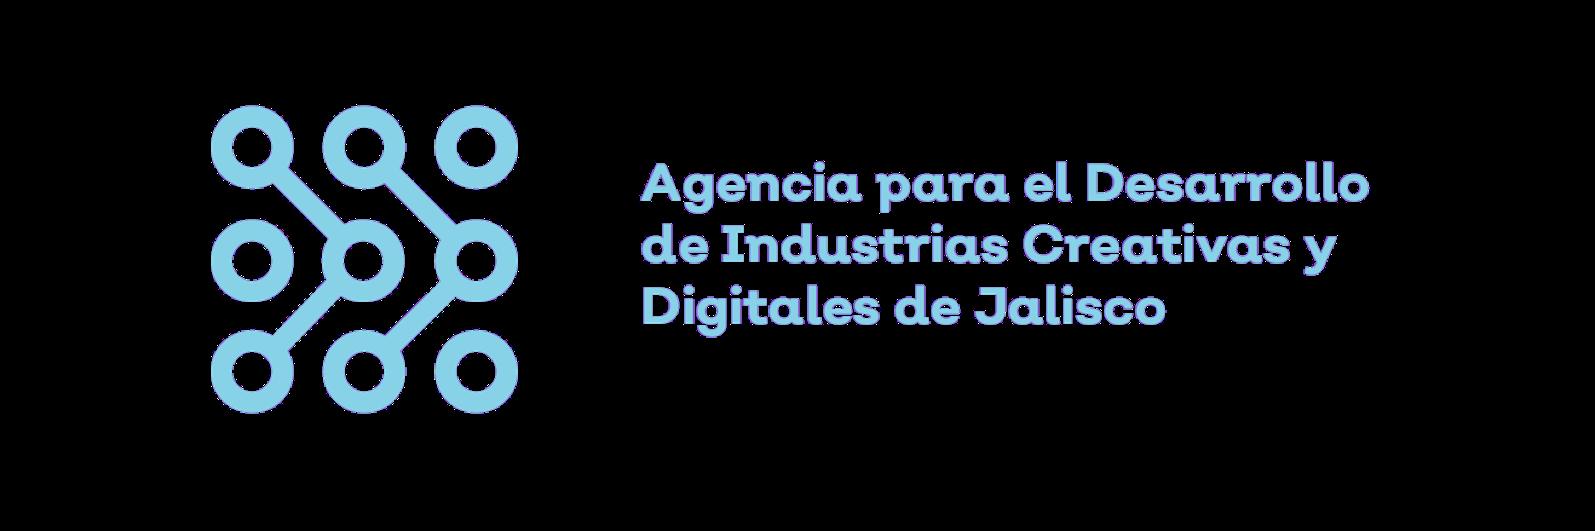 Agencia para el Desarrollo de Jalisco